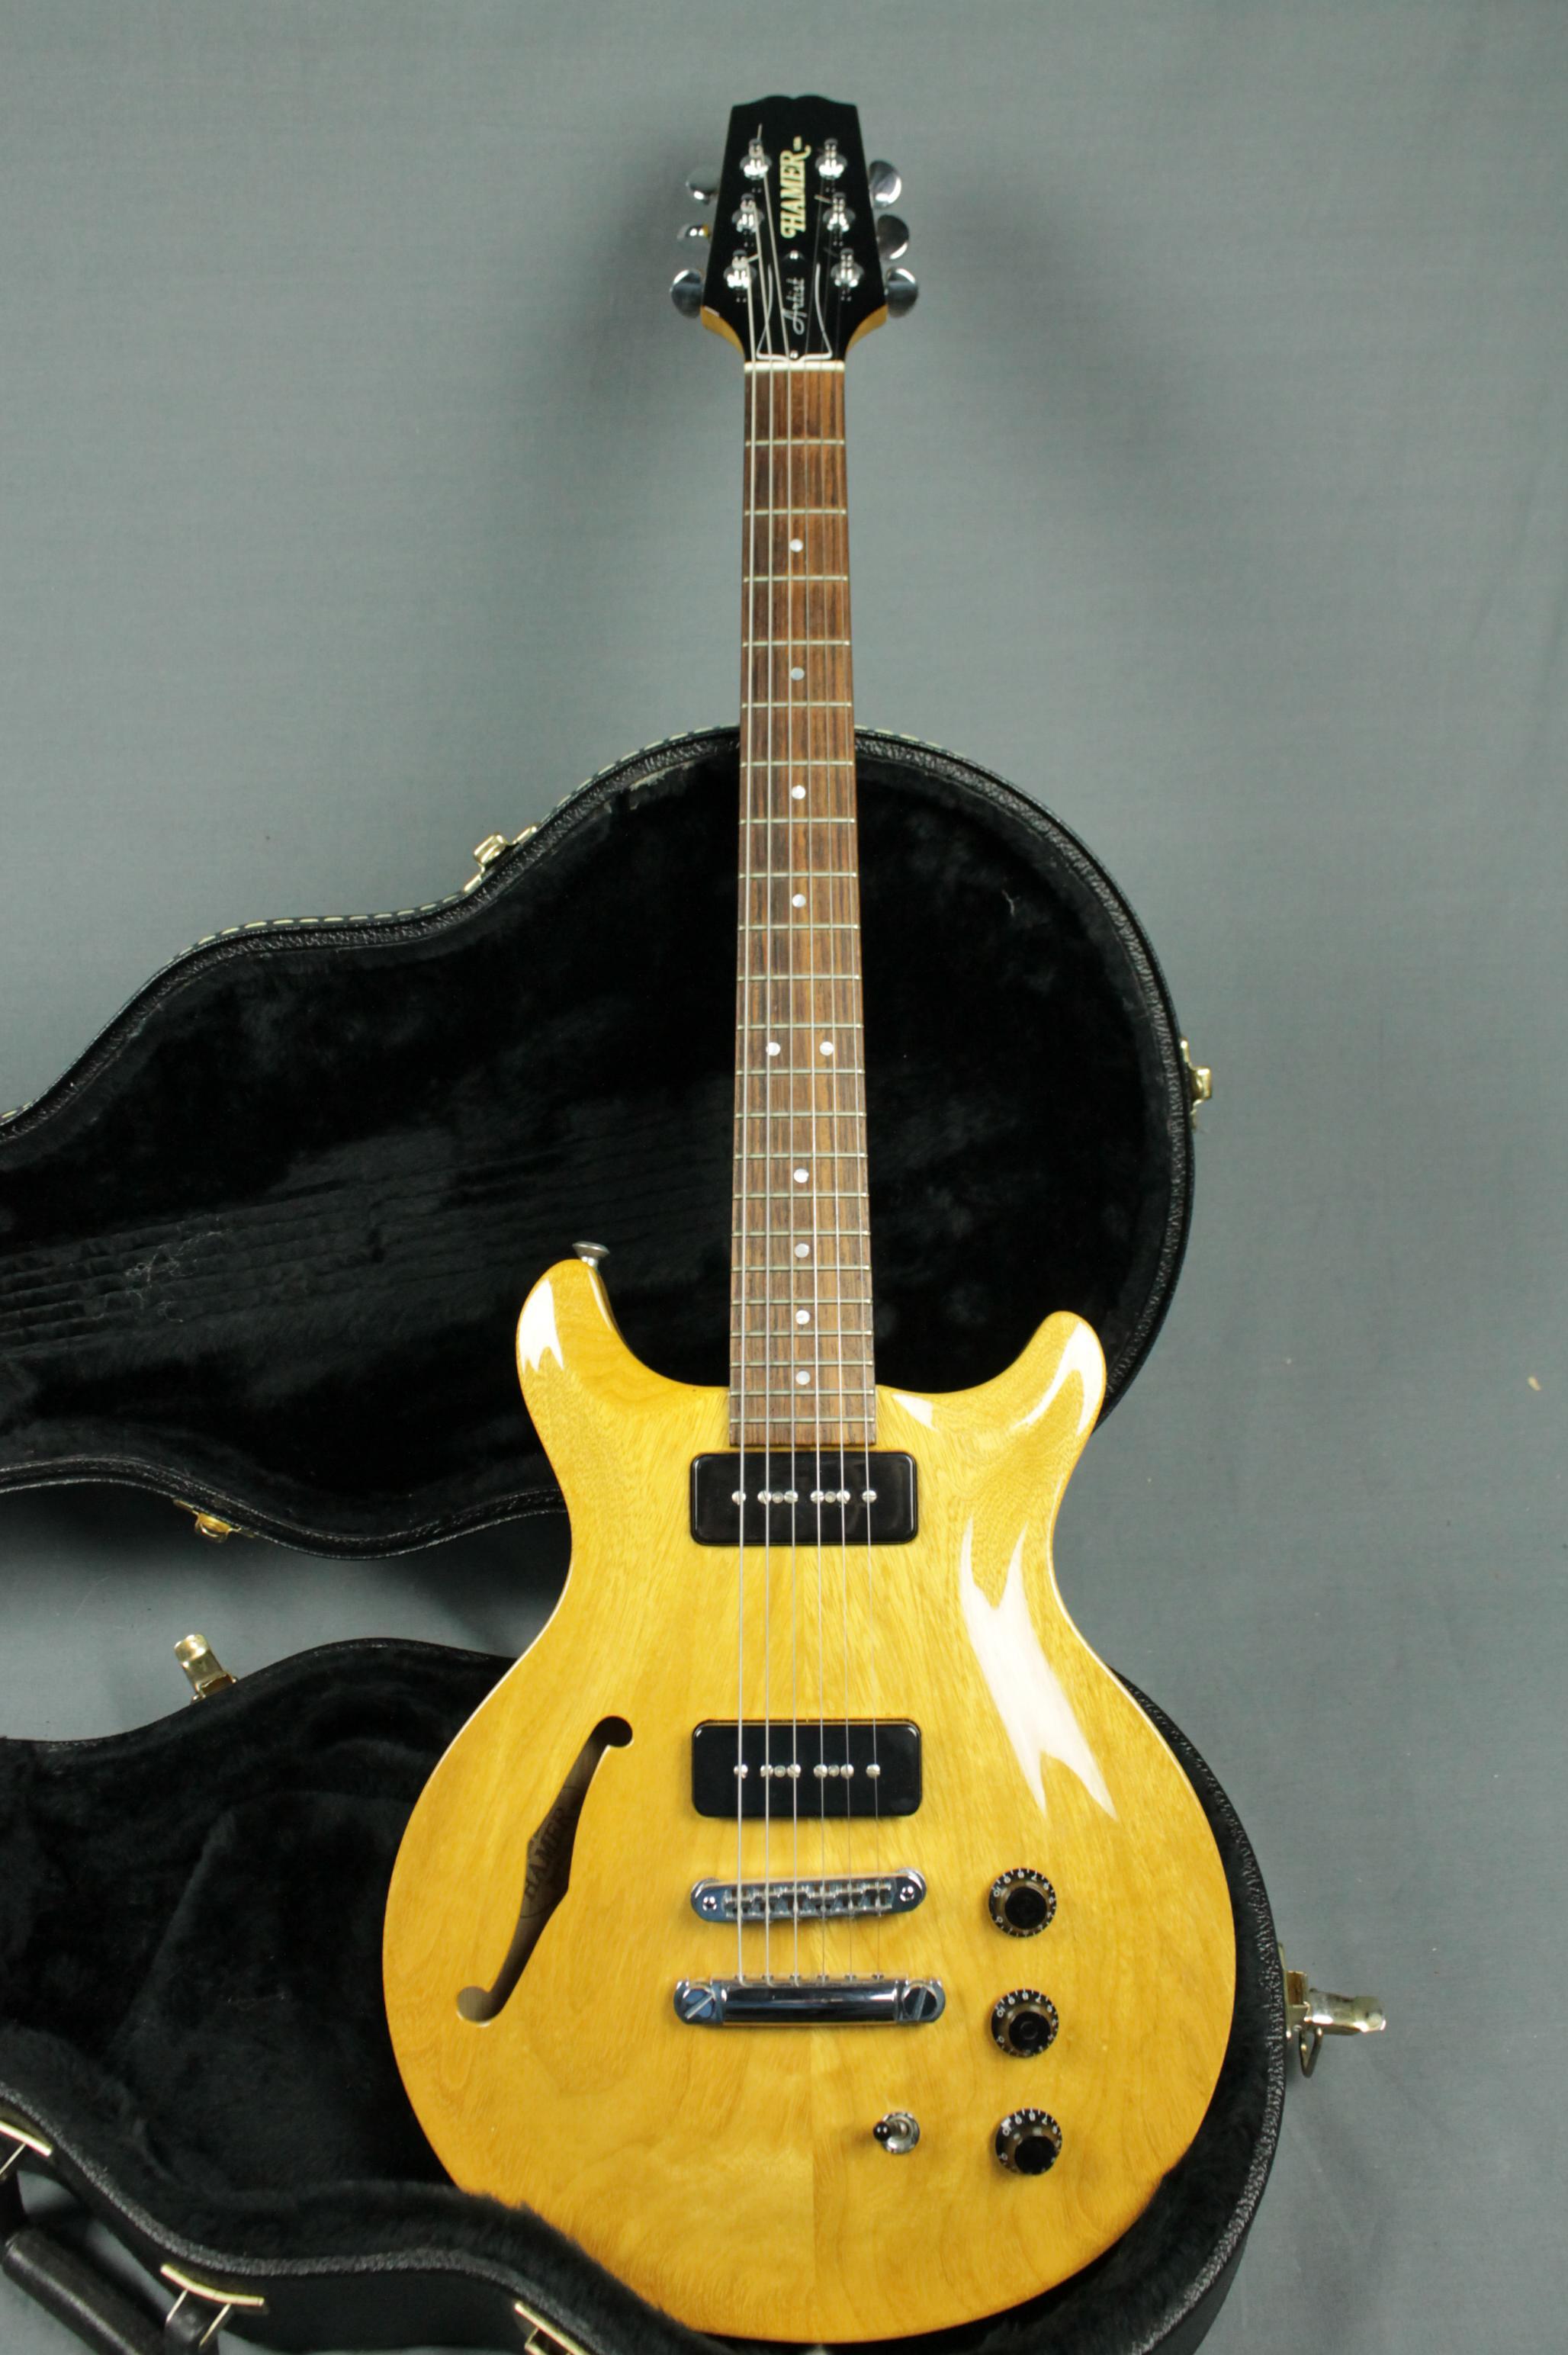 hamers at atlanta vintage guitar for sale wanted to buy pif ebay other psas hamer. Black Bedroom Furniture Sets. Home Design Ideas